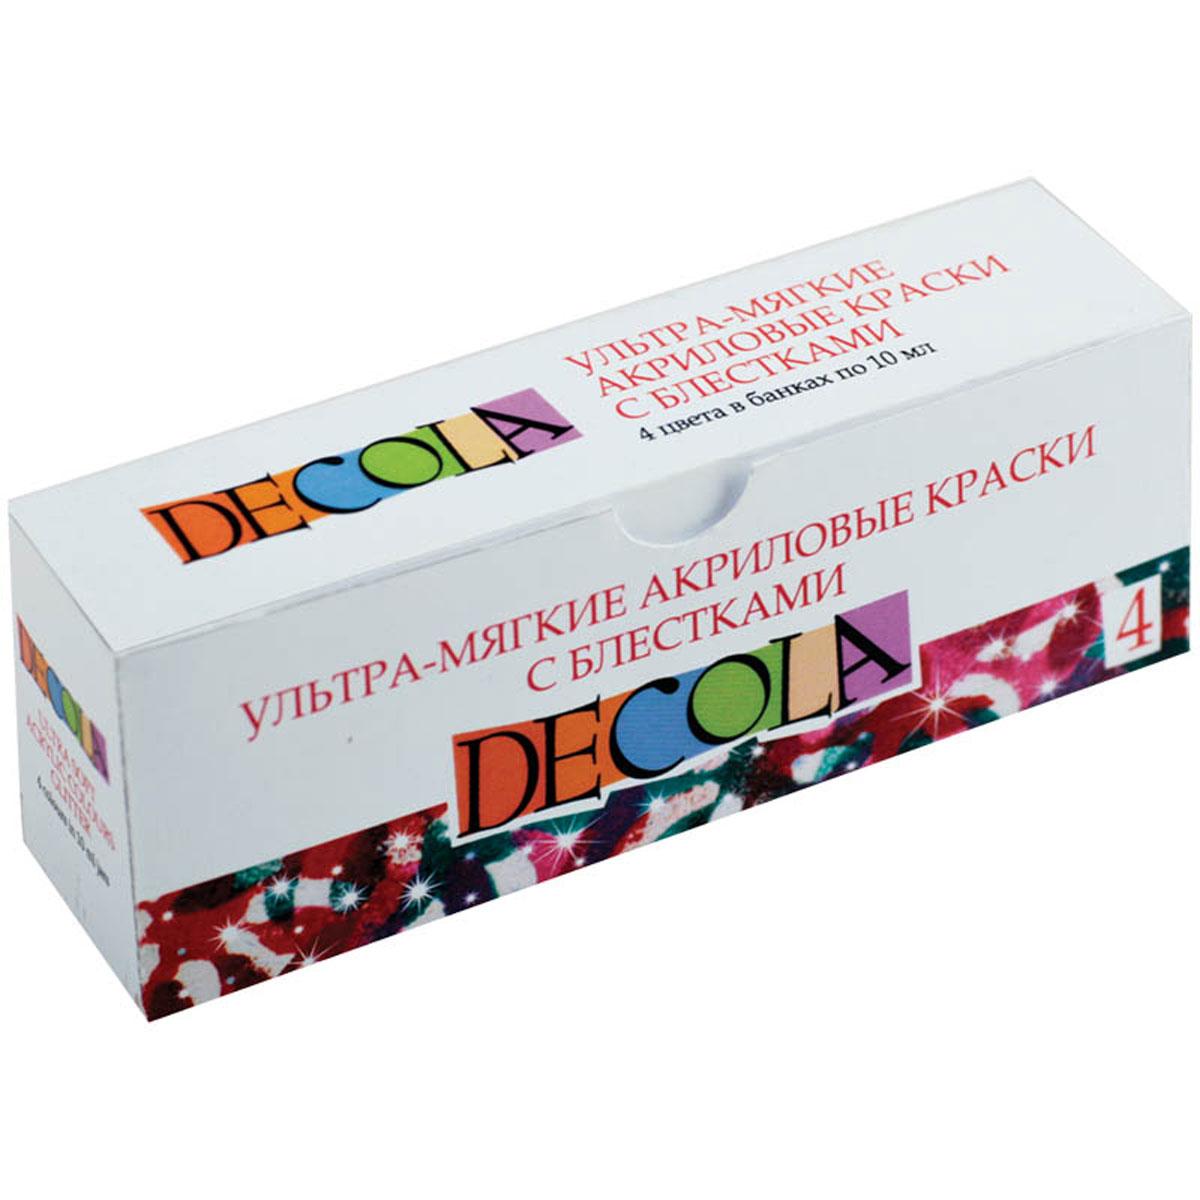 Невская палитра Краски акриловые Decola ультра-мягкие с блестками 4 цвета